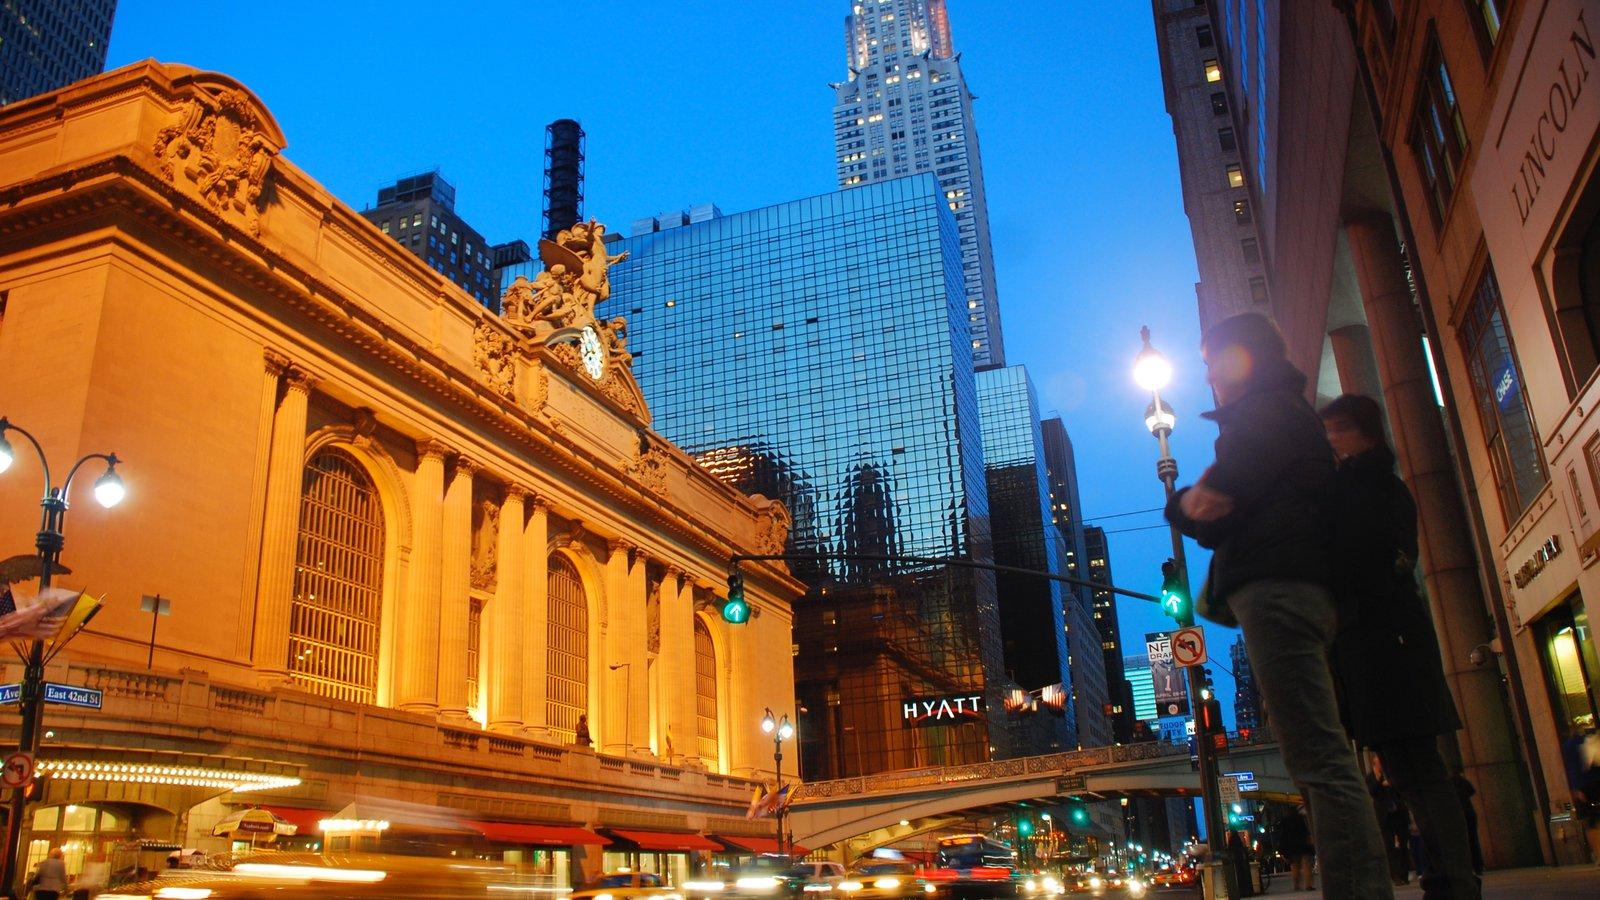 Grand Central Terminal mostrando vistas a la ciudad, patrimonio de arquitectura y escenas nocturnas